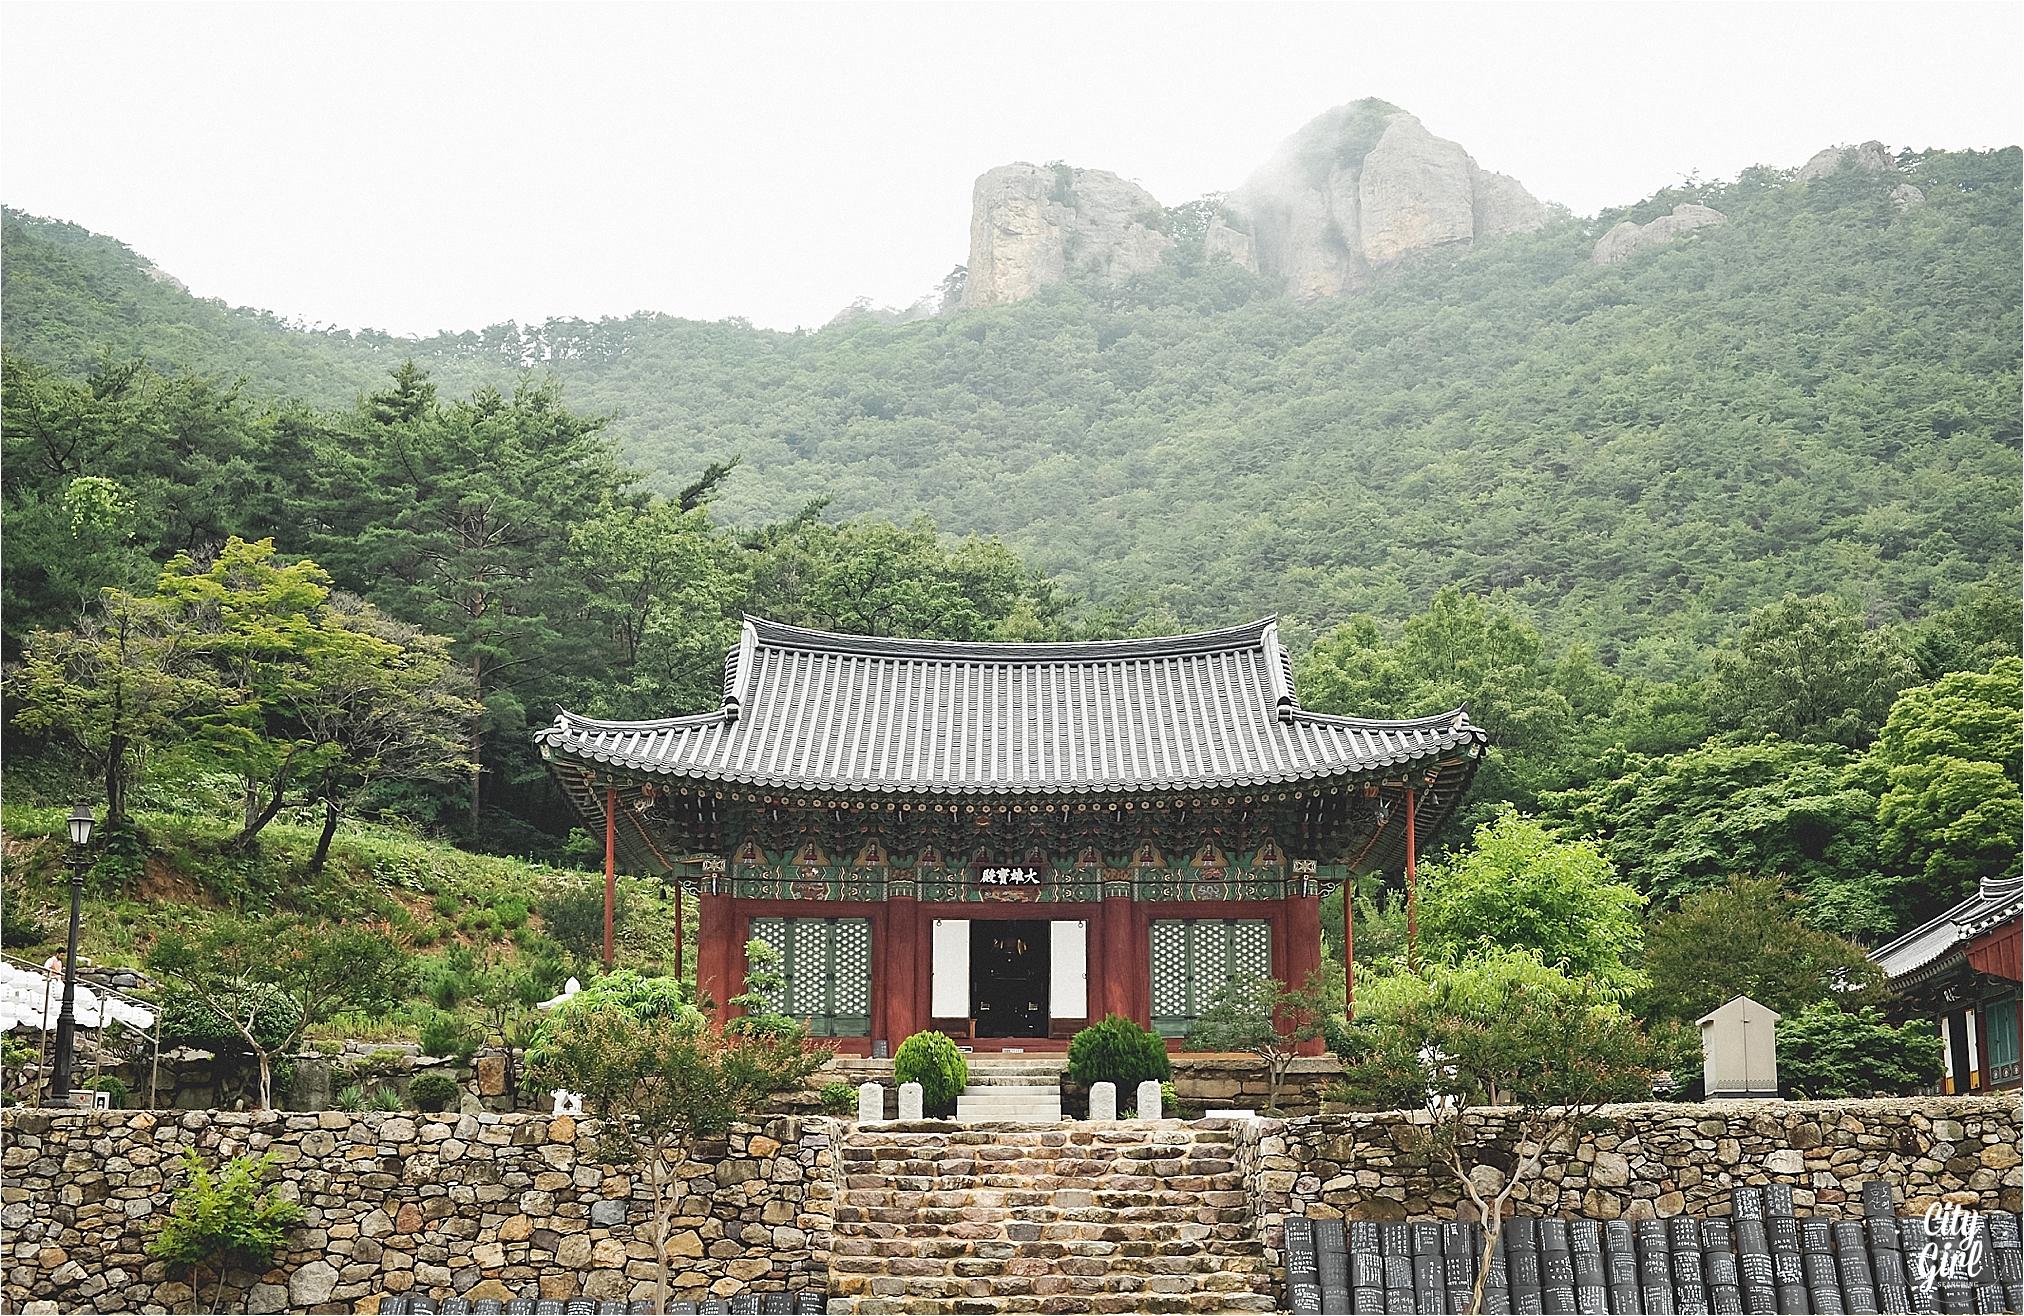 GaemsaTempleBuanSouthKorea_0015.jpg